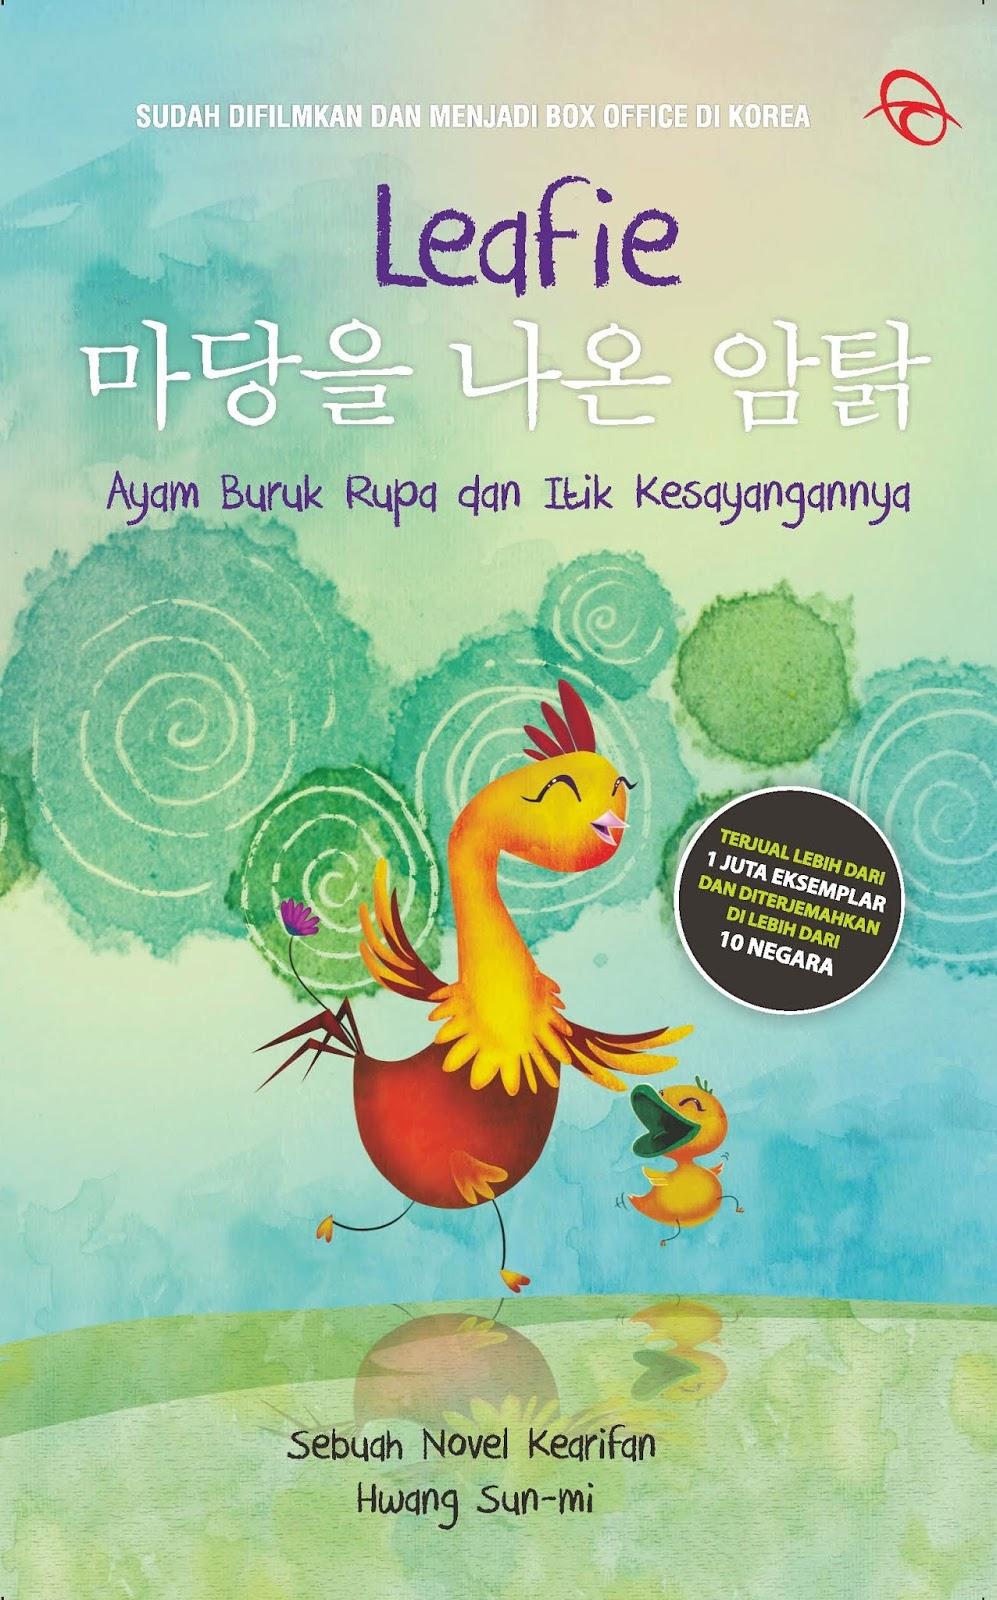 Cerita Bebek Buruk Rupa : cerita, bebek, buruk, Resensi, Kiky:, [Resensi, Buku], Leafie, Buruk, Kesayangannya